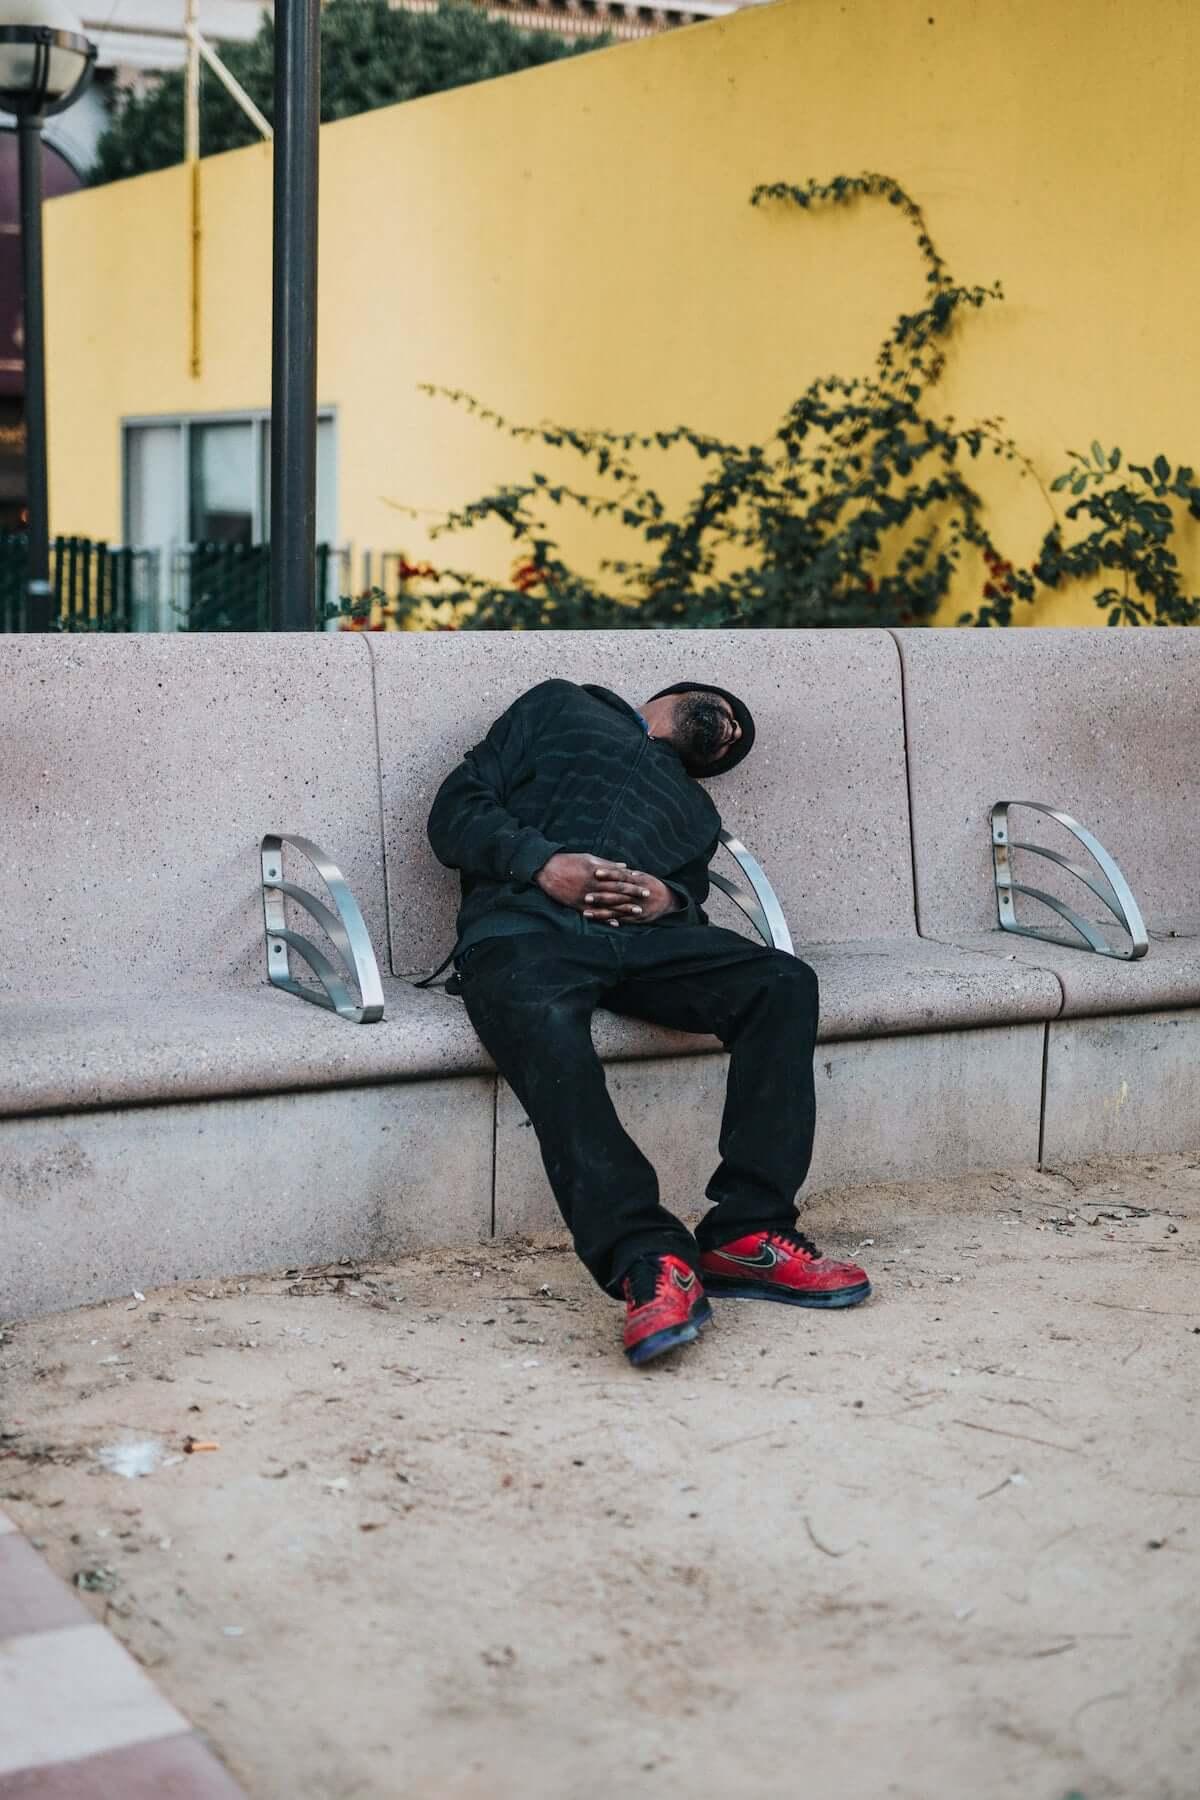 「週末の寝だめ」は体重増加につながることが研究で明らかに life-fashion190304-sleep-weekend1-1200x1800